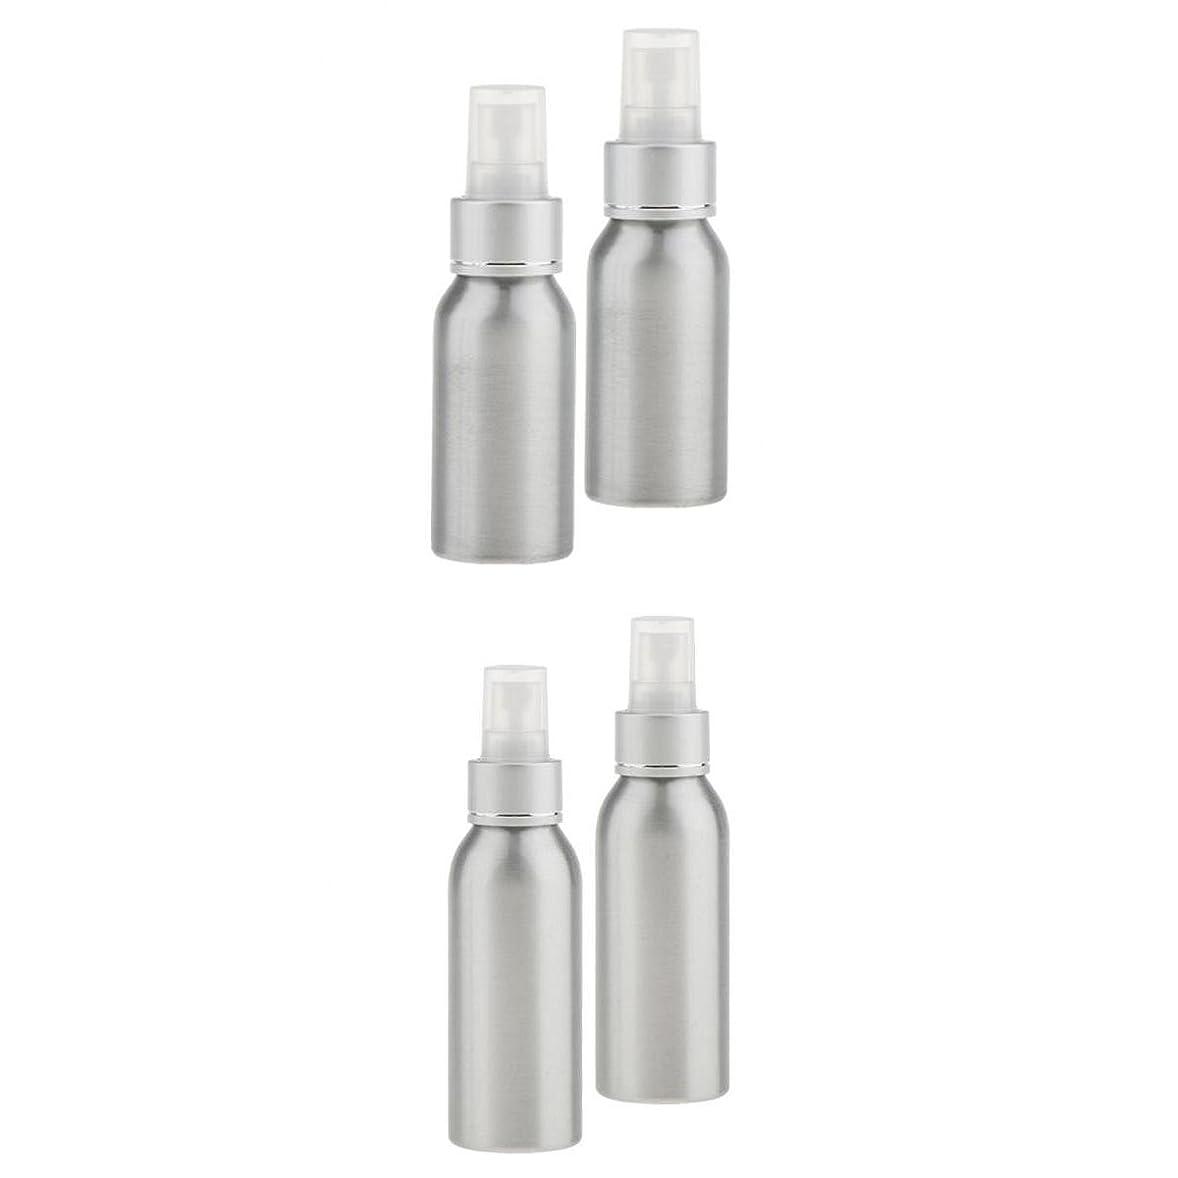 寛解出版電気的Perfeclan 4個 アルミニウム スプレーボトル 旅行 アルミ 香水スプレーボトル 微細ミストアトマイザー